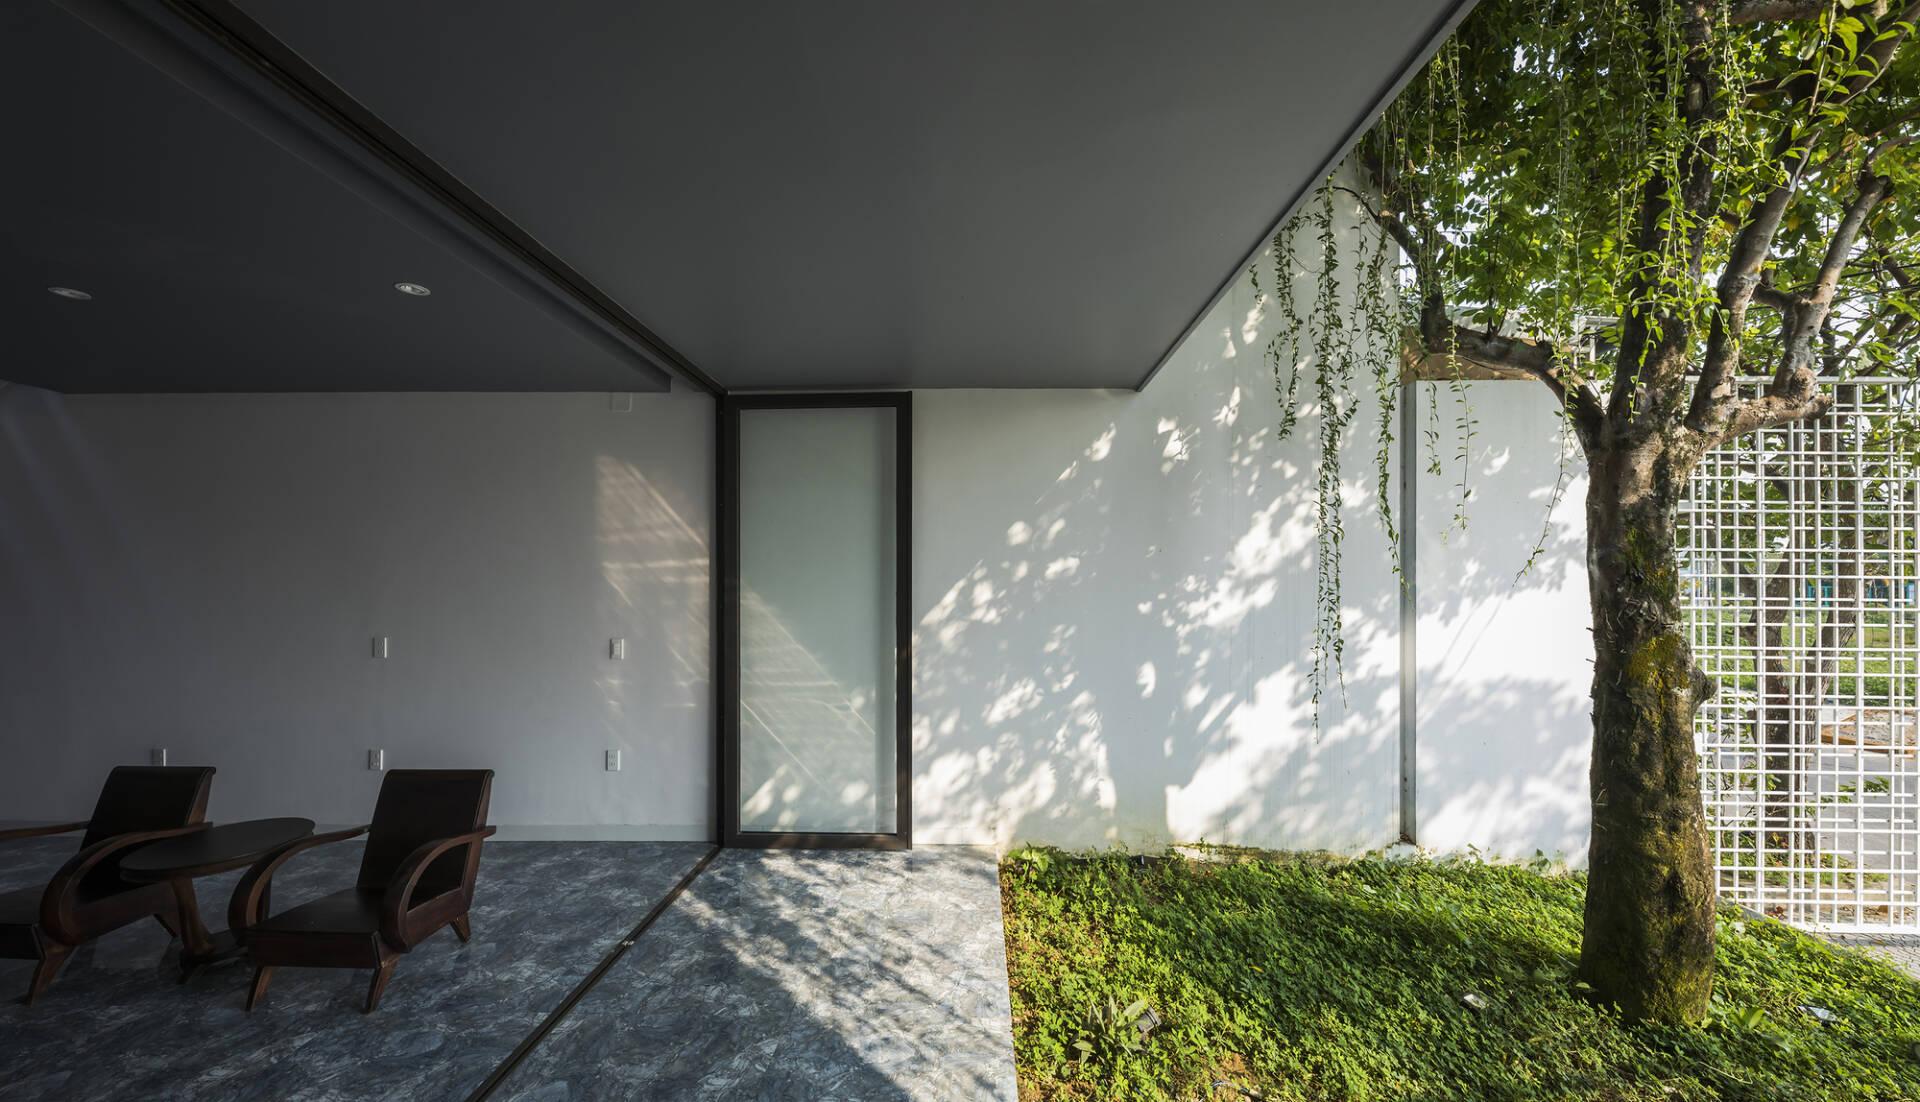 Mảnh sân vườn trước cửa là khoảng đệm xanh tuyệt vời cho ngôi nhà.